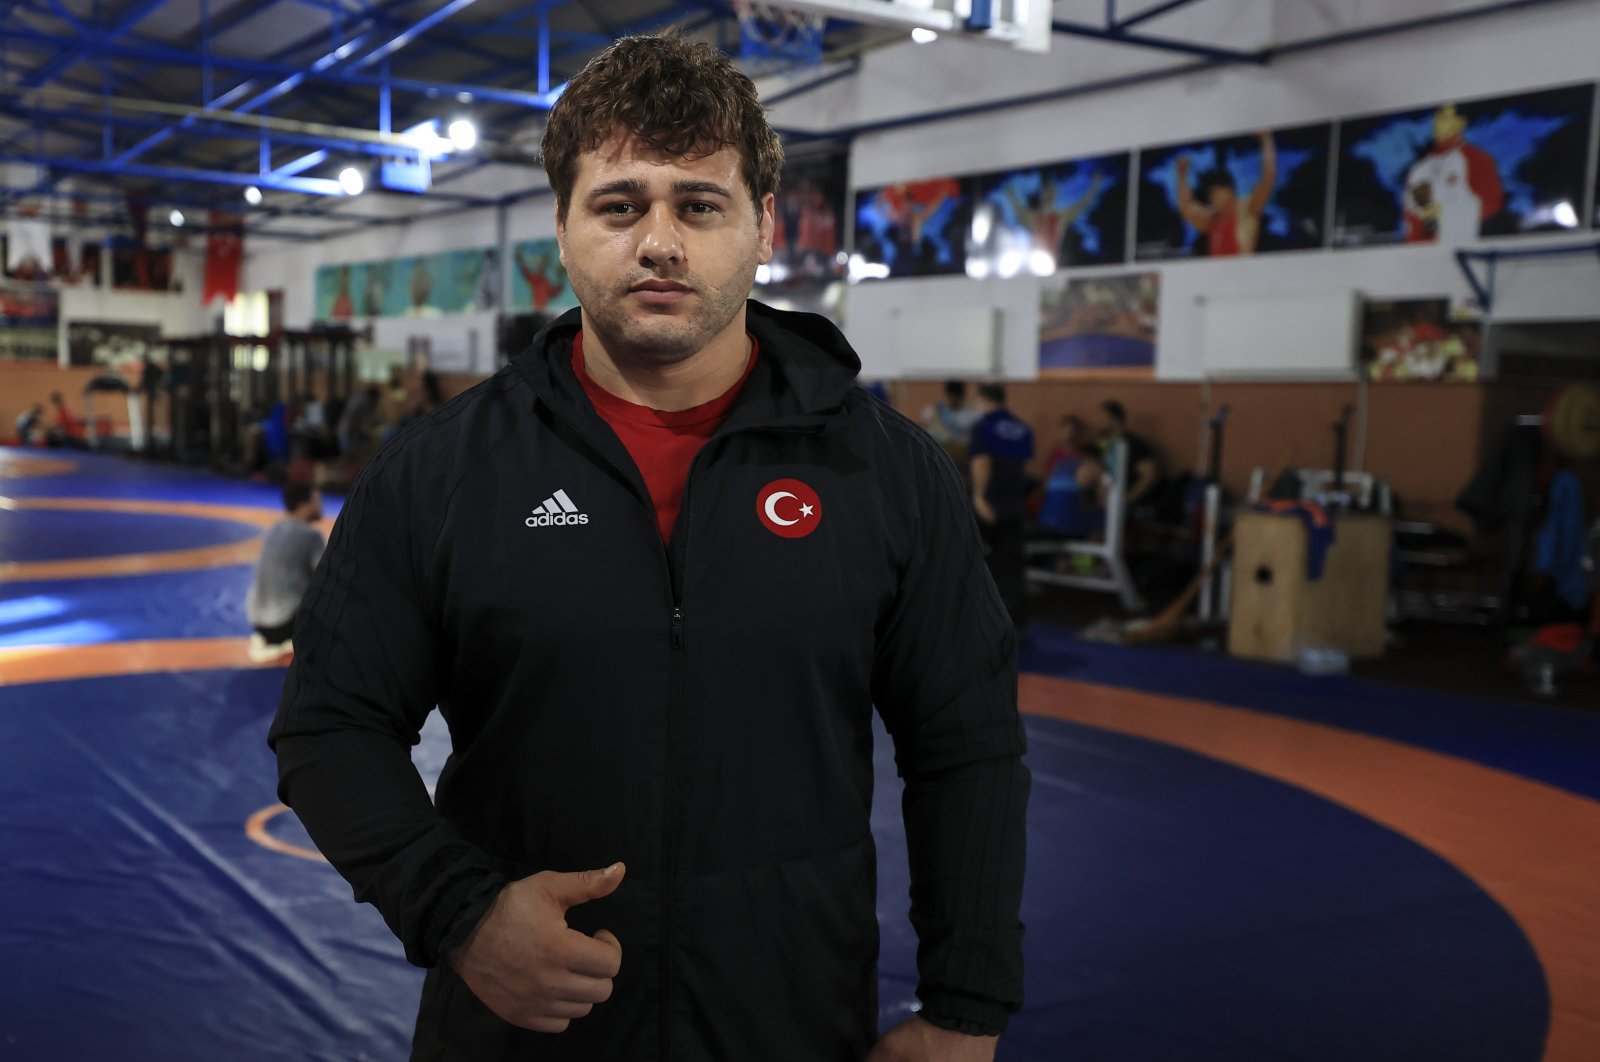 Rıza Kayaalp poses on the sidelines of his training, in Istanbul, Turkey, Jan. 13, 2021. (AA PHOTO)